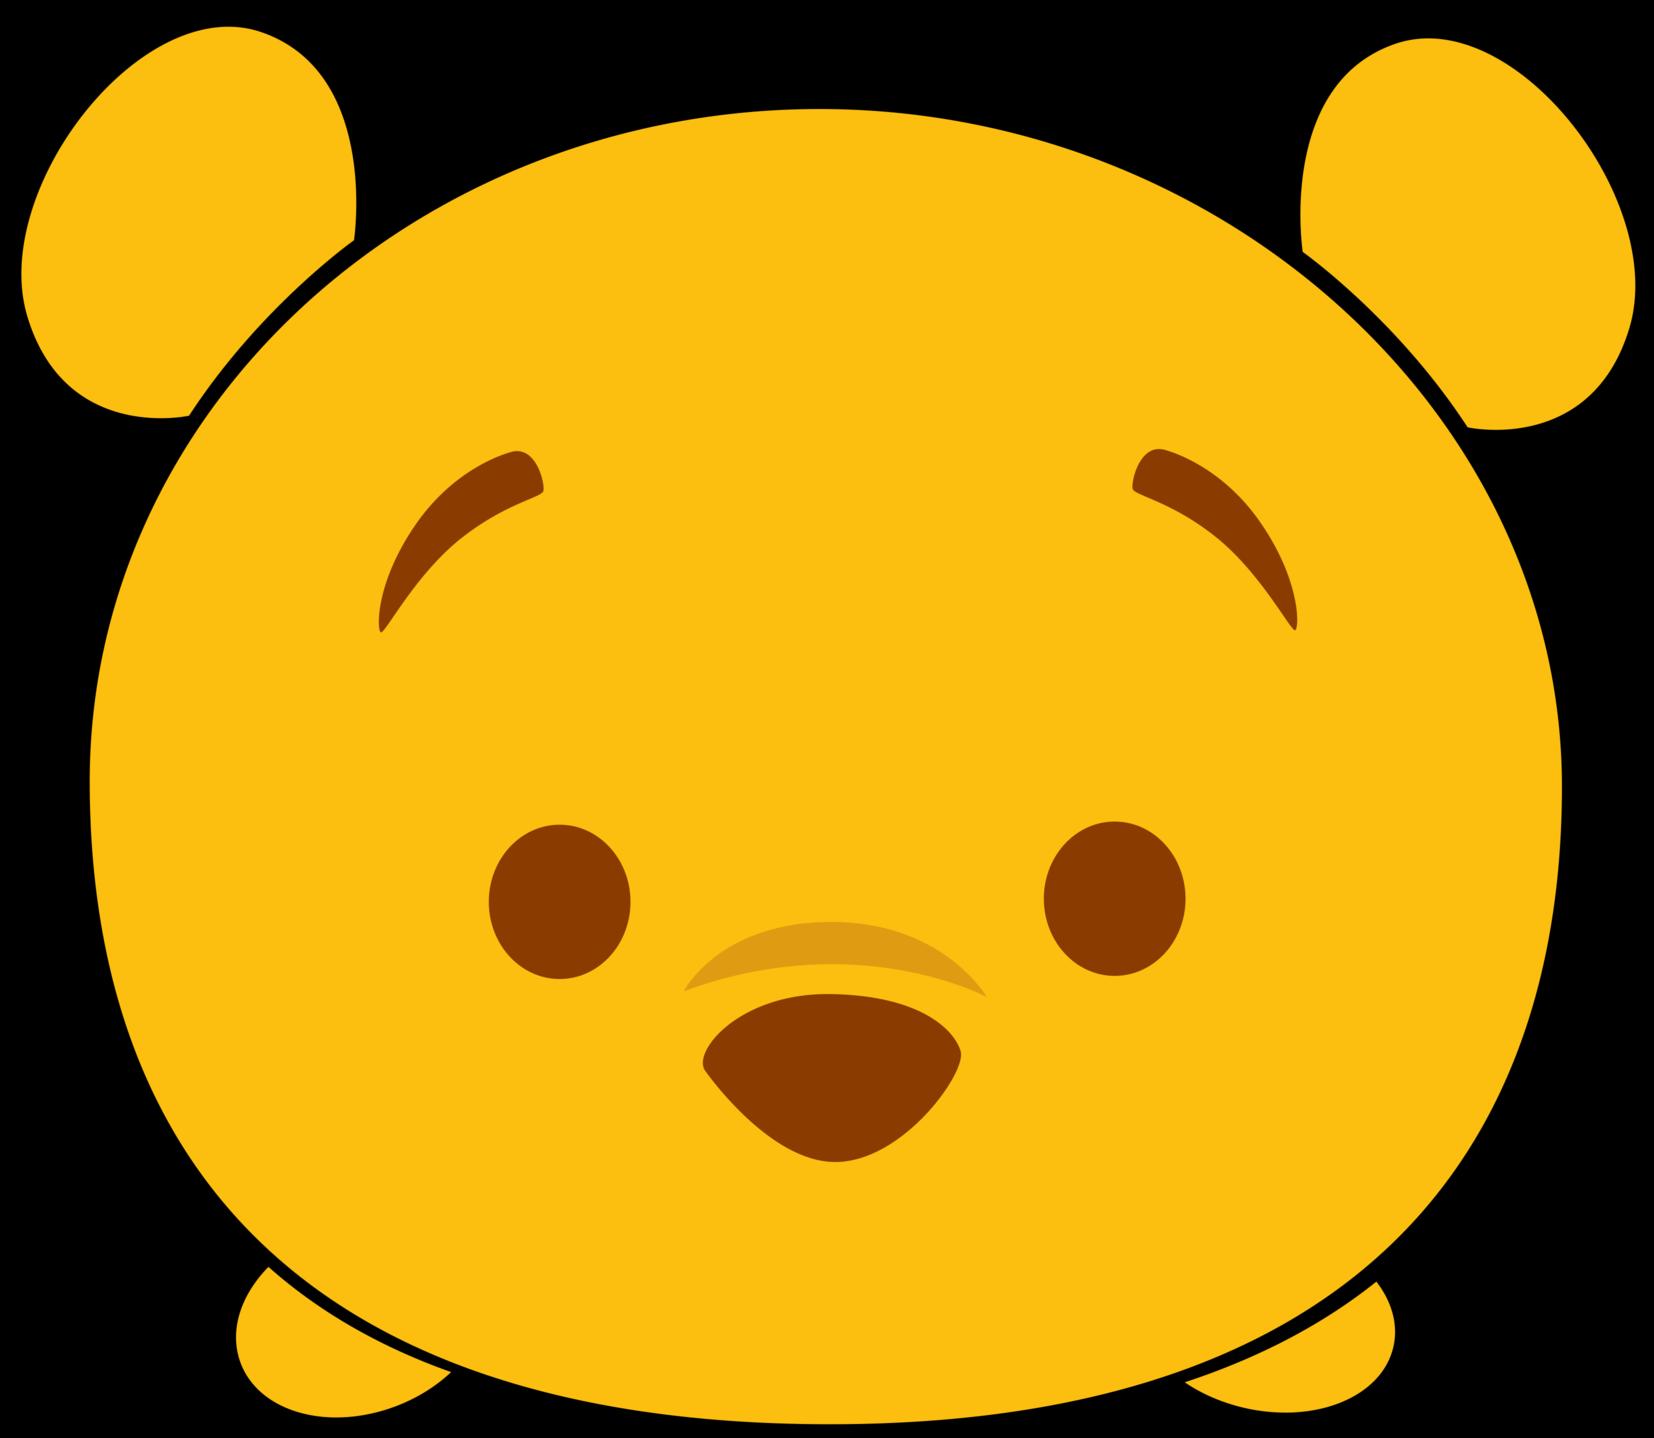 Disney Tsum Tsum Clipart Winnie The Pooh.